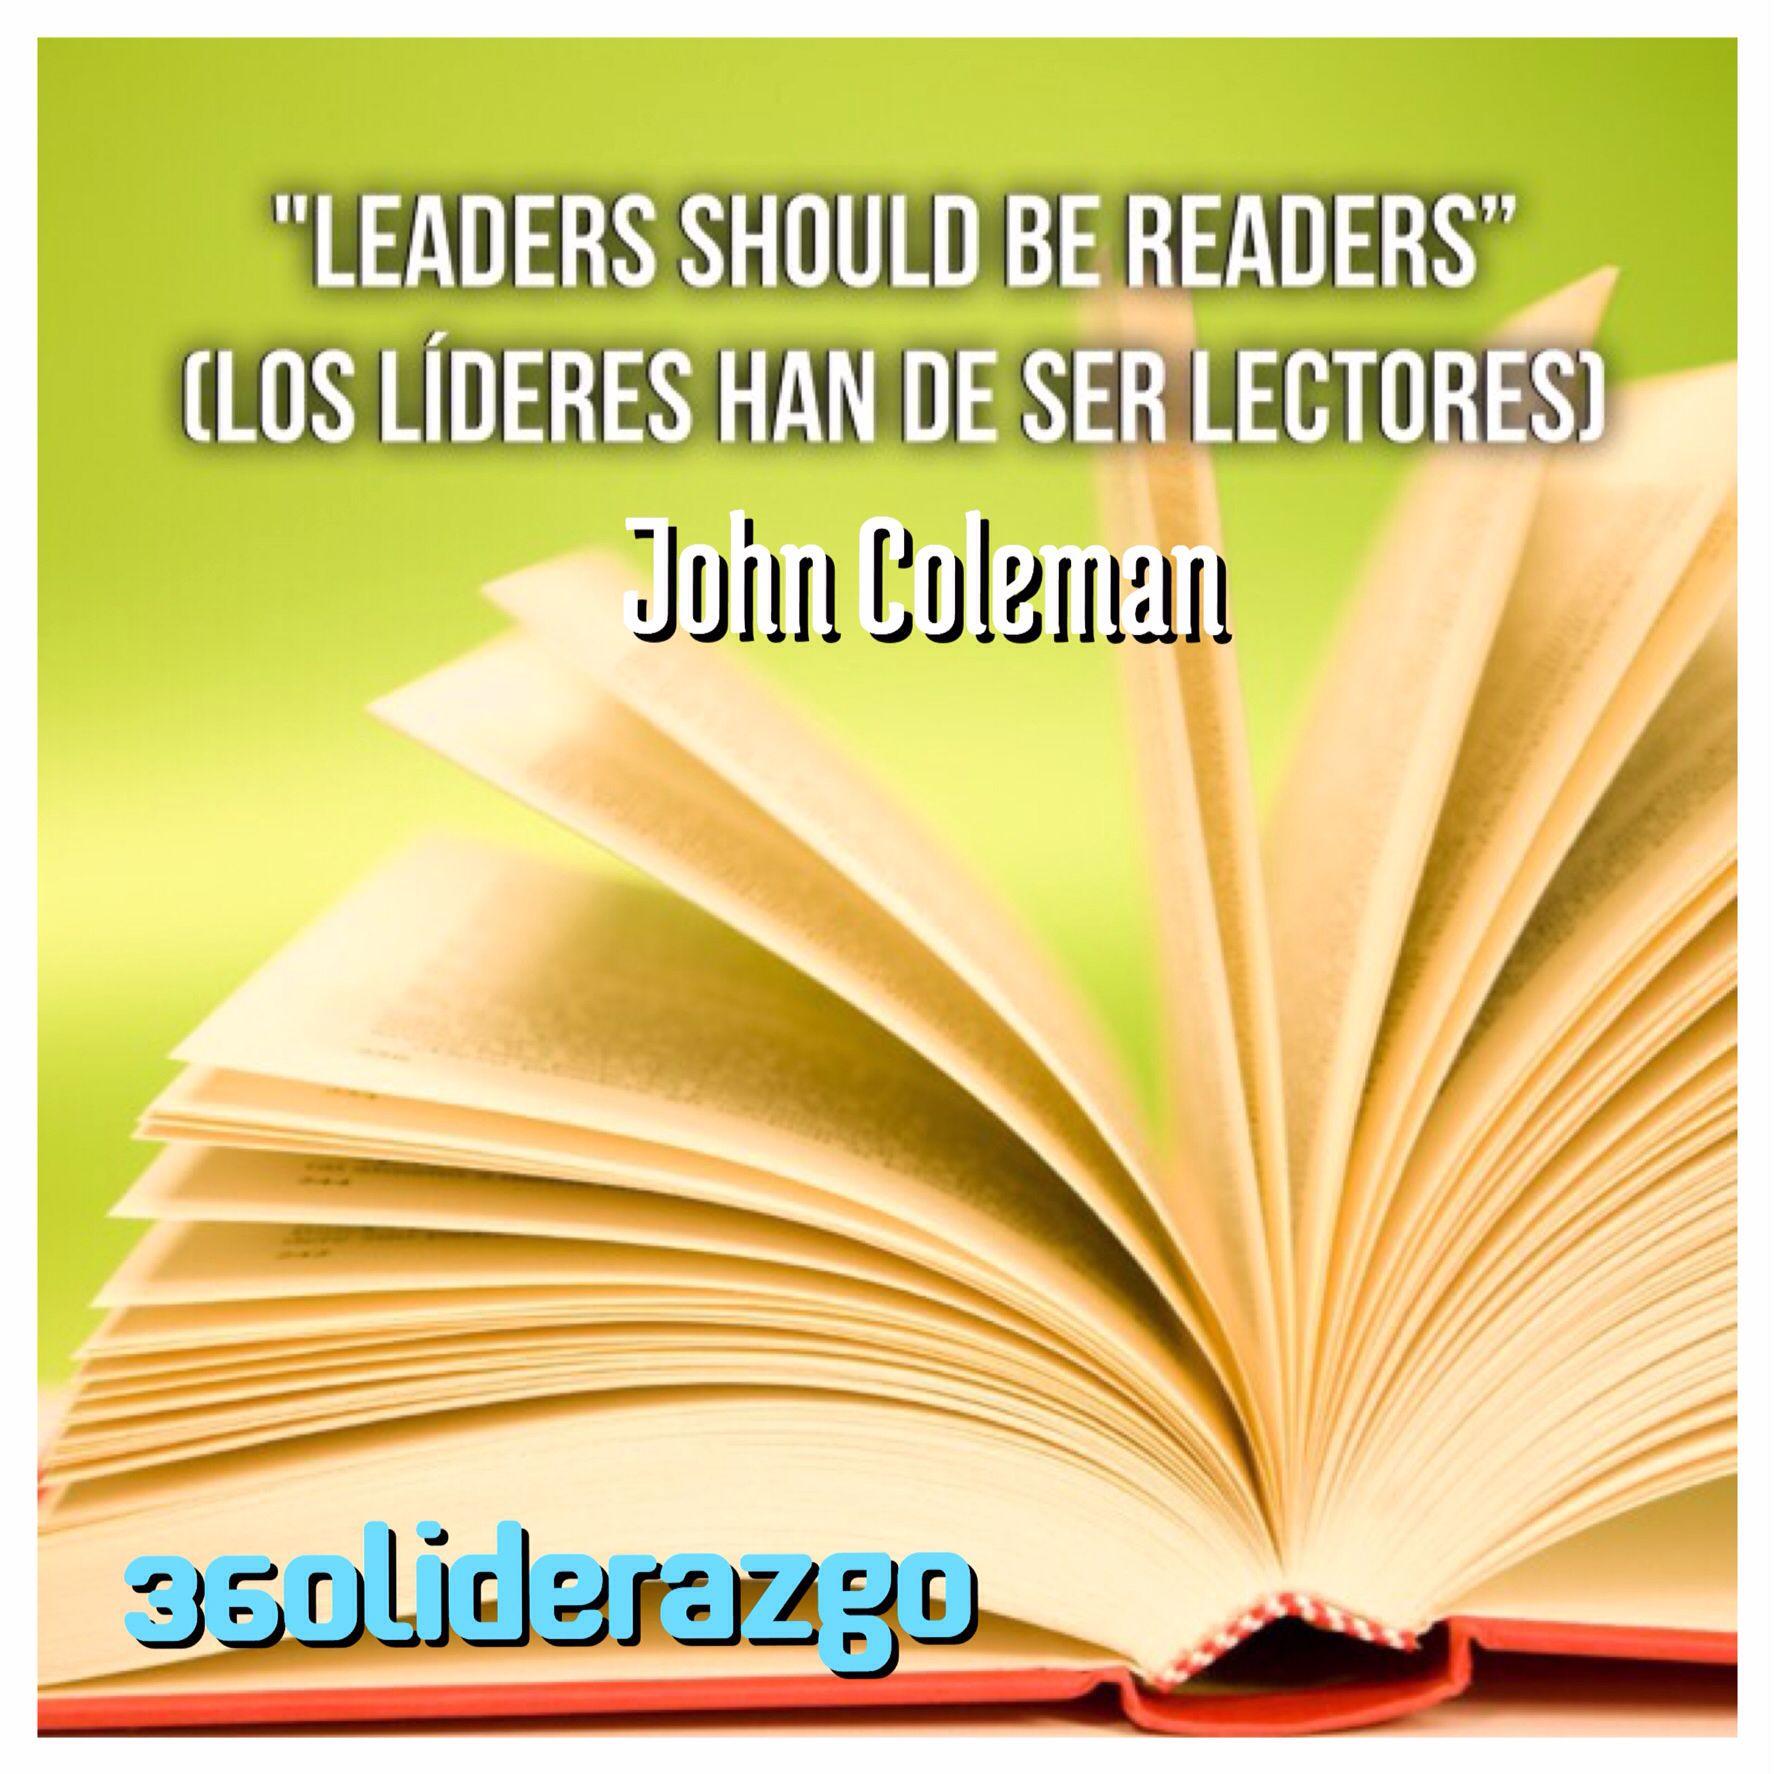 Liderazgo ¿Cuál es mi lectura actual? ¿Qué aprendizajes estoy llevando a la práctica? www.facebook.com/360liderazgo